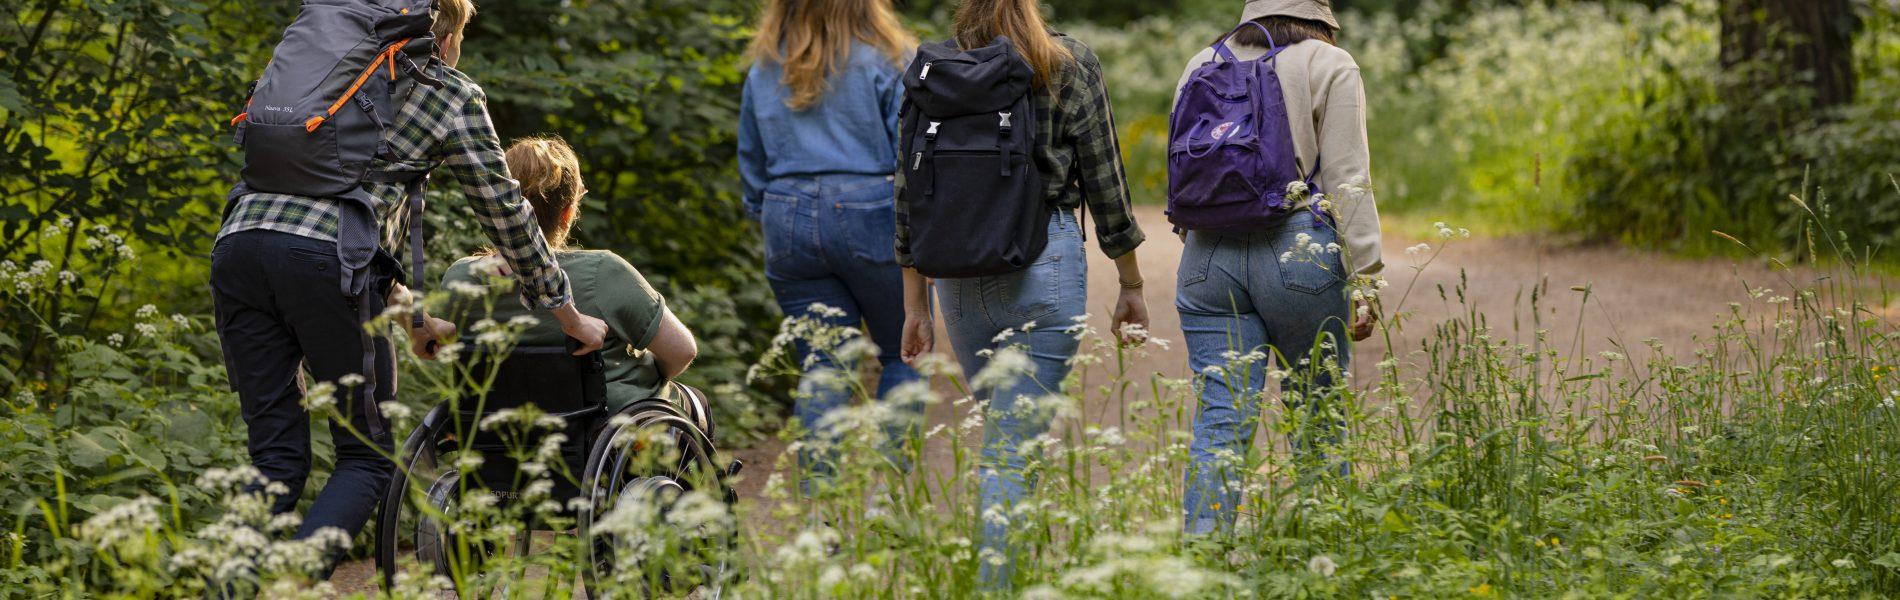 Nuoria kulkee soratietä pitkin retkellä. Kuva otettu takaapäin.